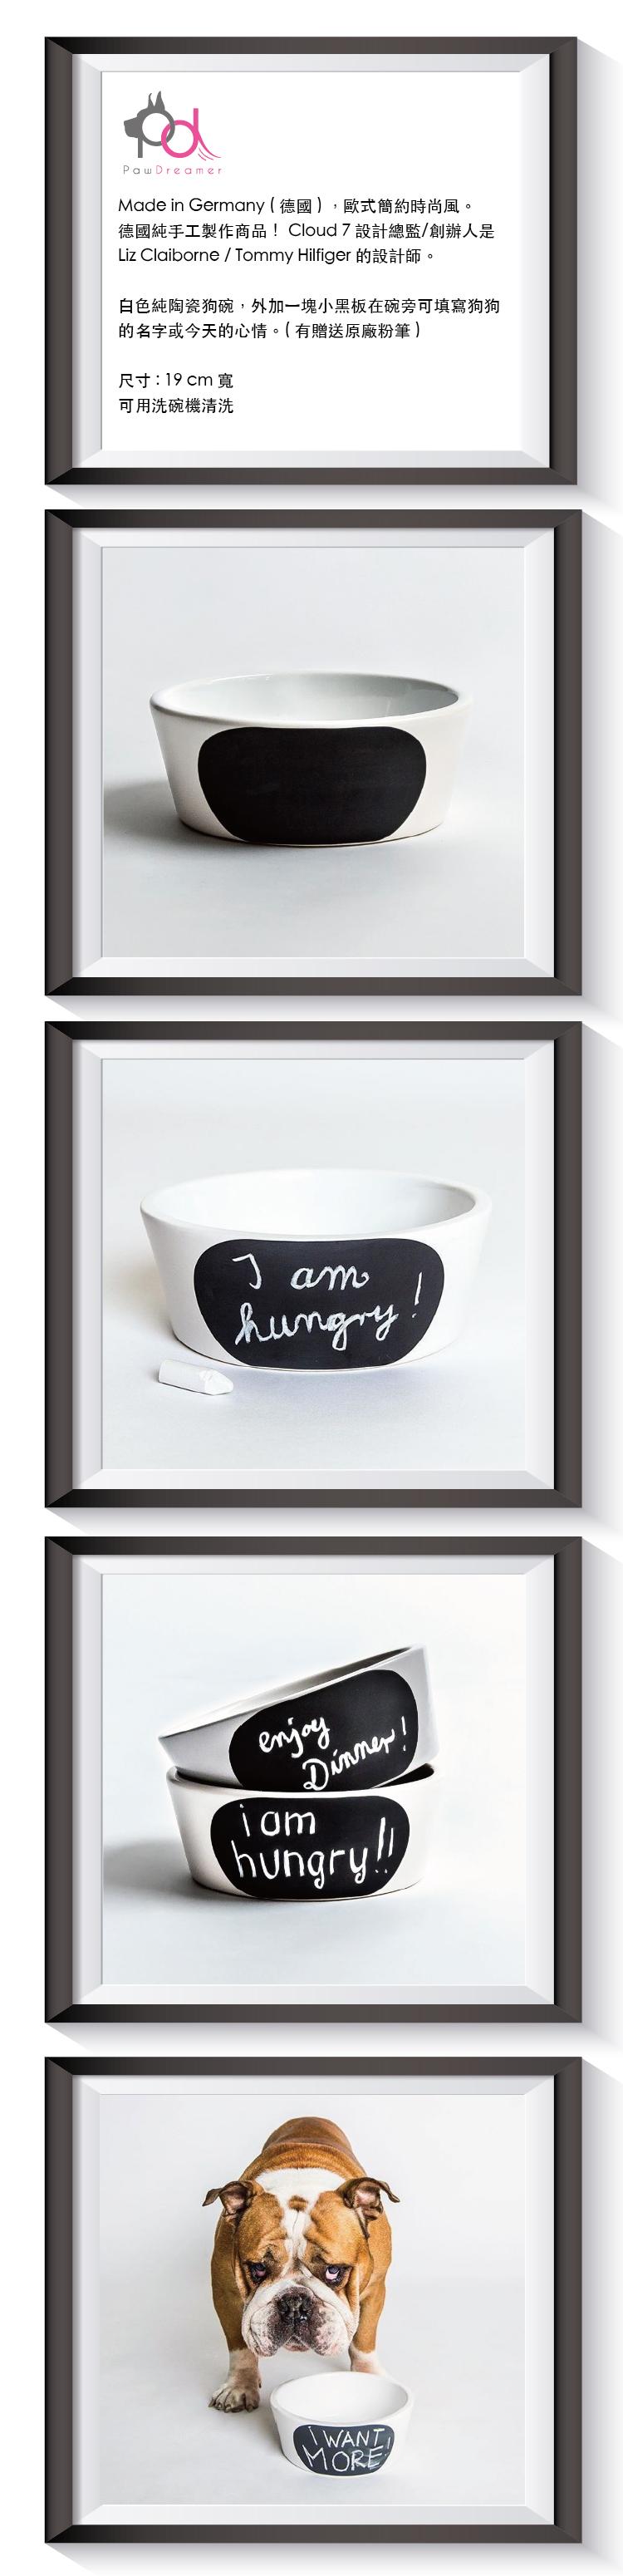 ChalkWhite陶瓷碗